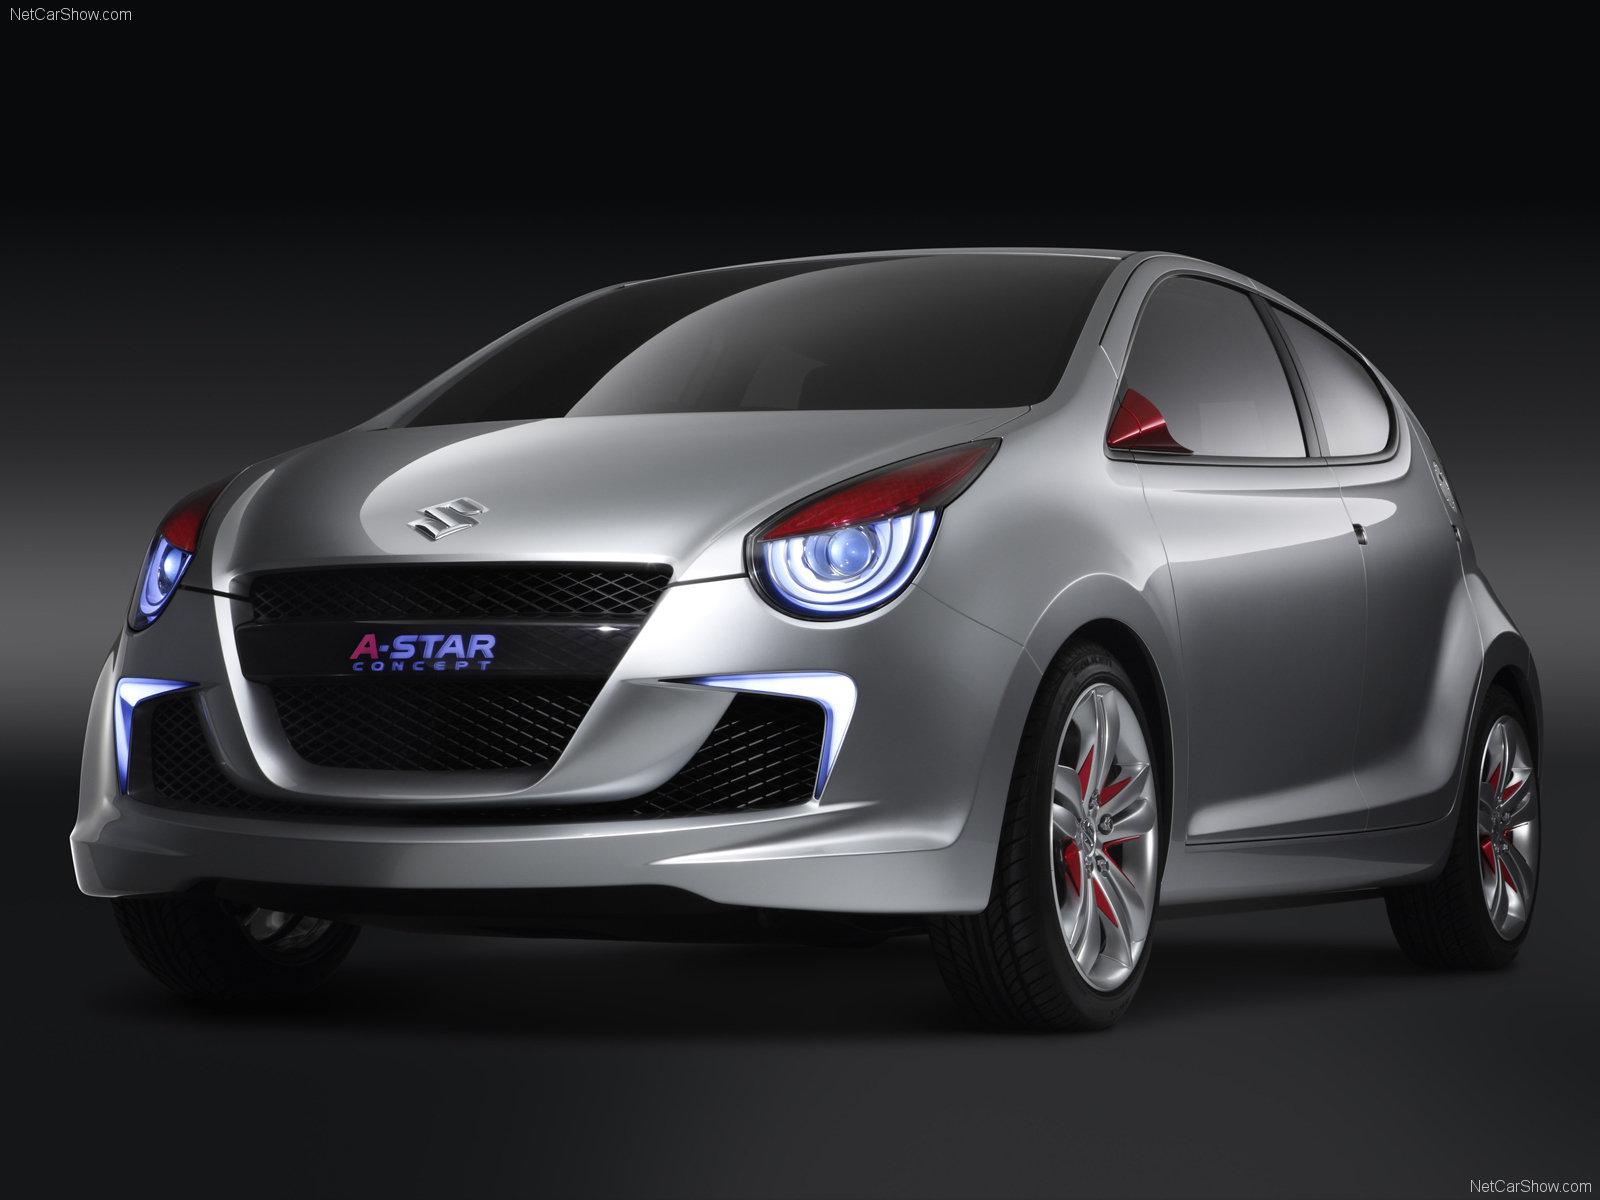 Hình ảnh xe ô tô Suzuki A-Star Concept 2008 & nội ngoại thất